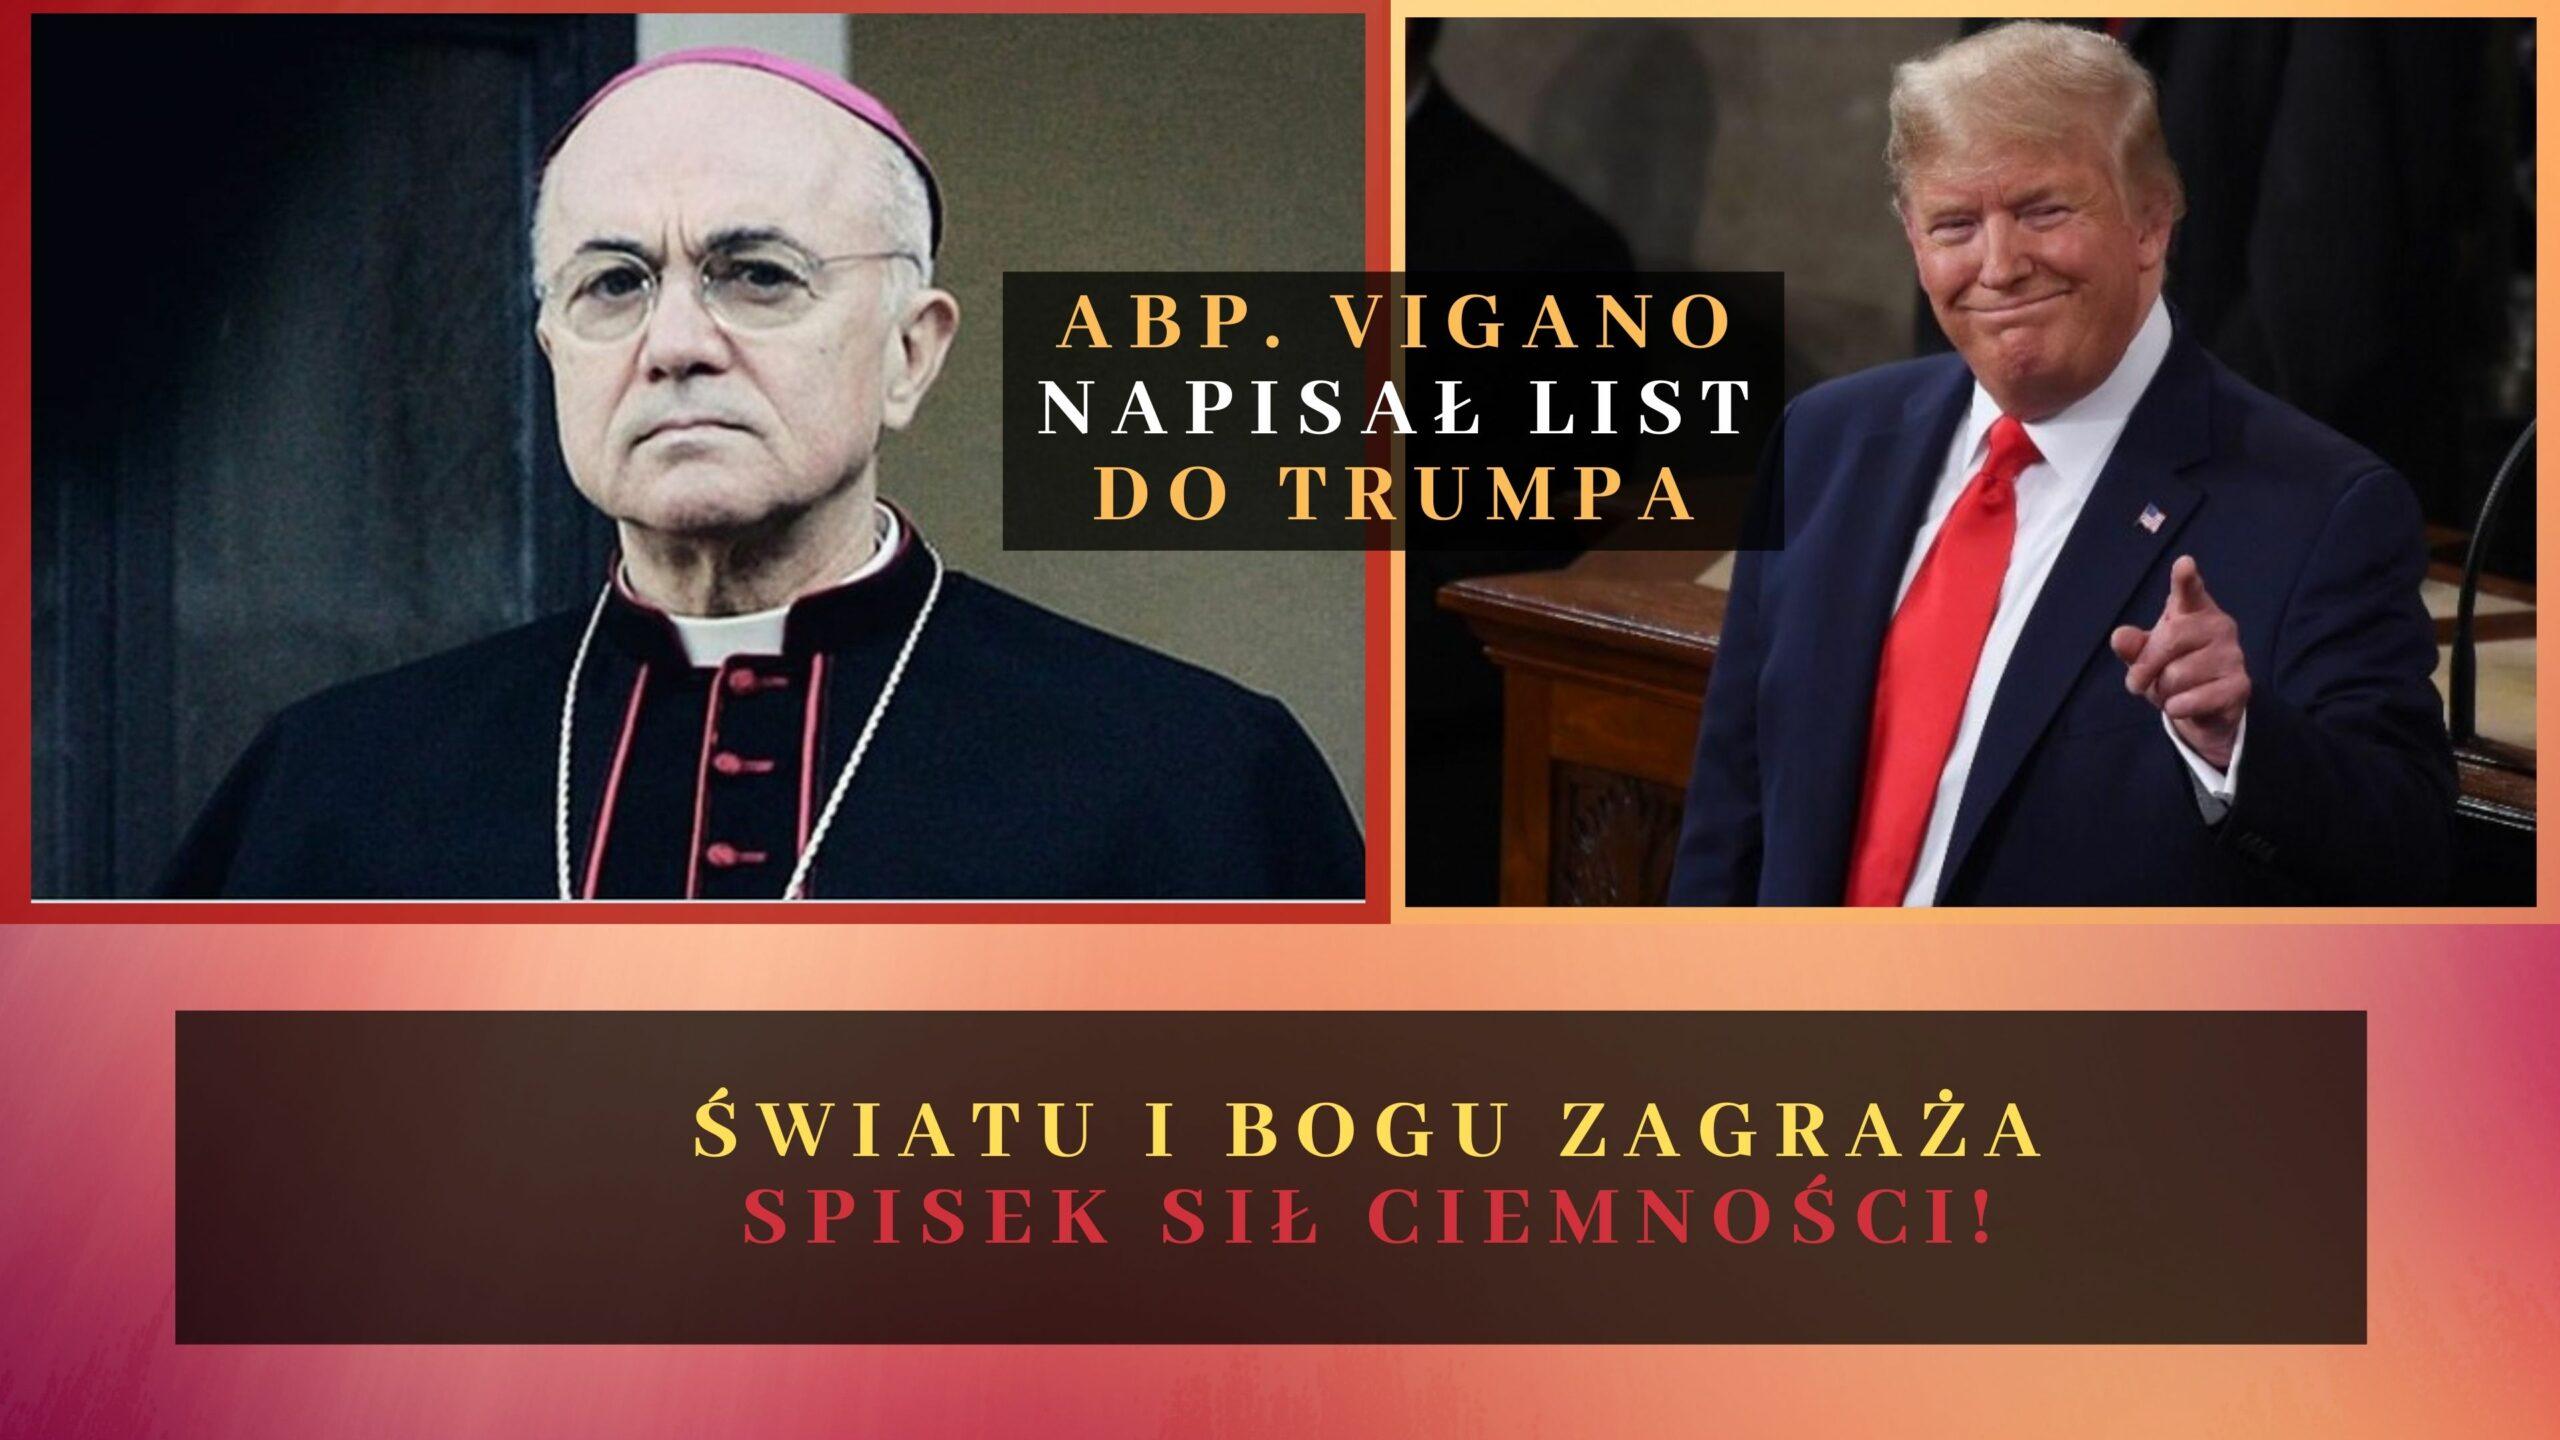 Abp. Vigano pisze list do Trumpa! Światu i Bogu zagraża spisek sił ciemności! 🔴 PILNE! (1)